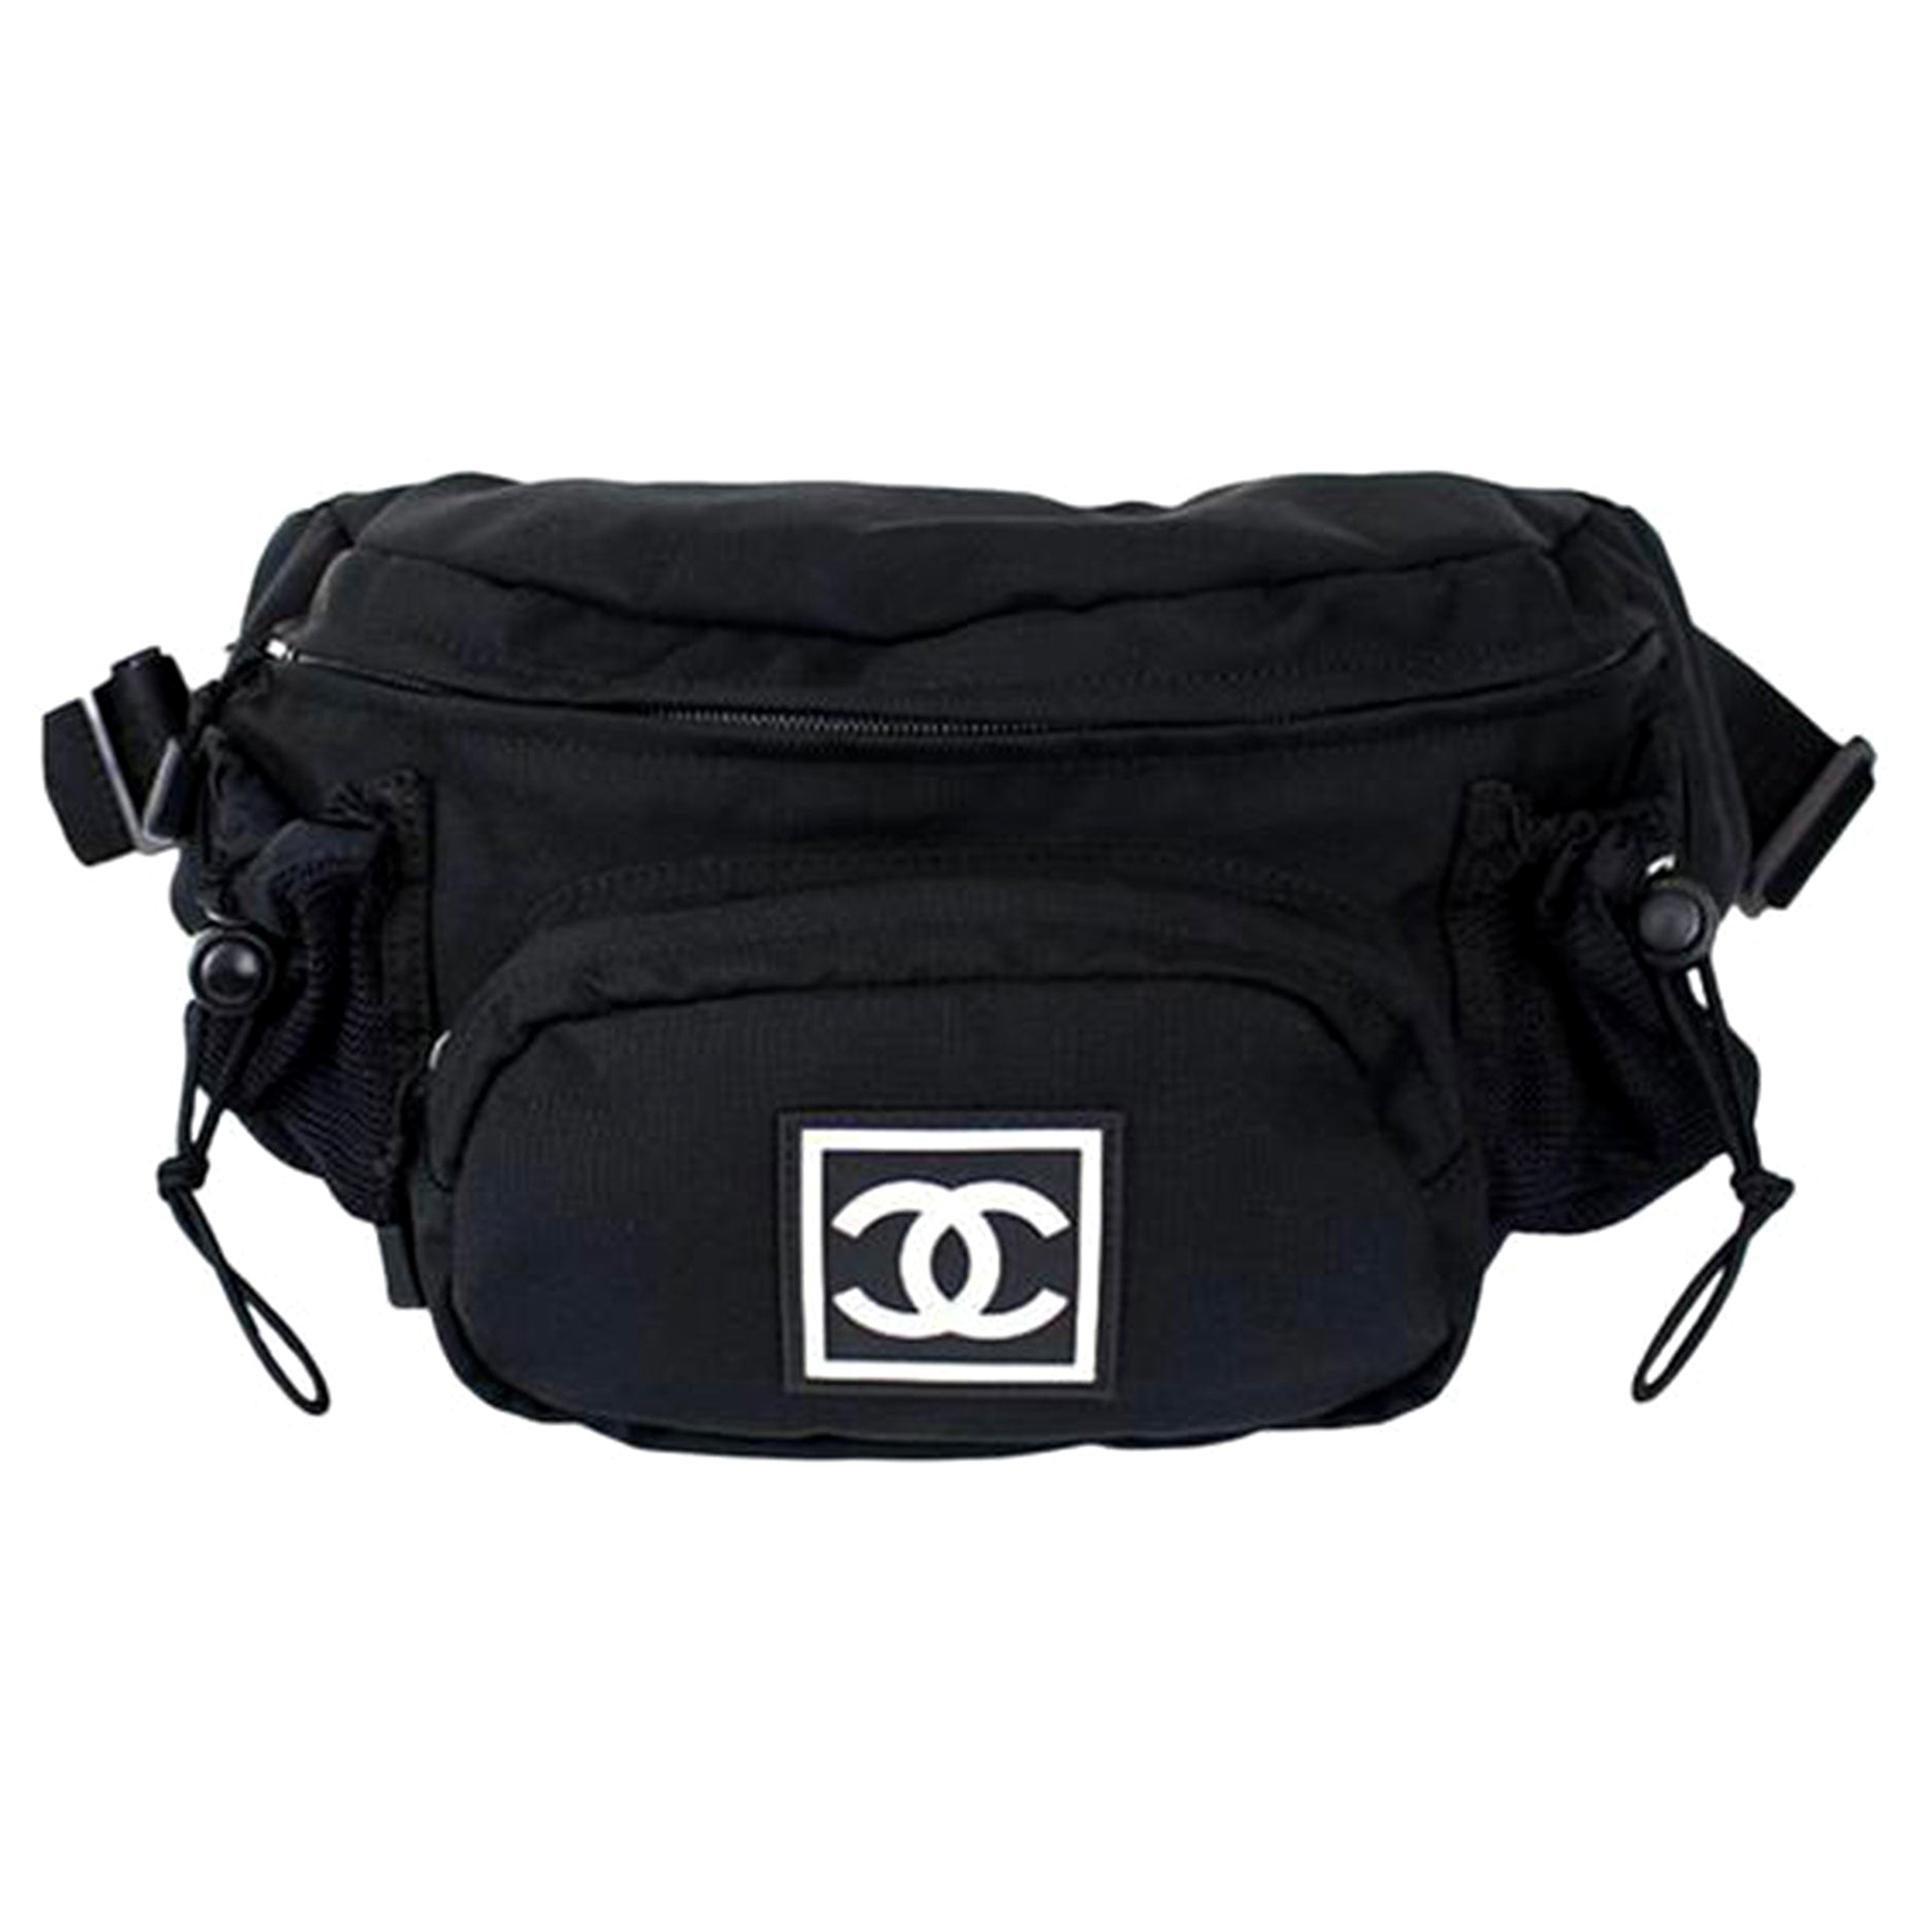 Chanel Waist Sport Fanny Pack Banane Rare Soldout Black Nylon Cross Body Bag